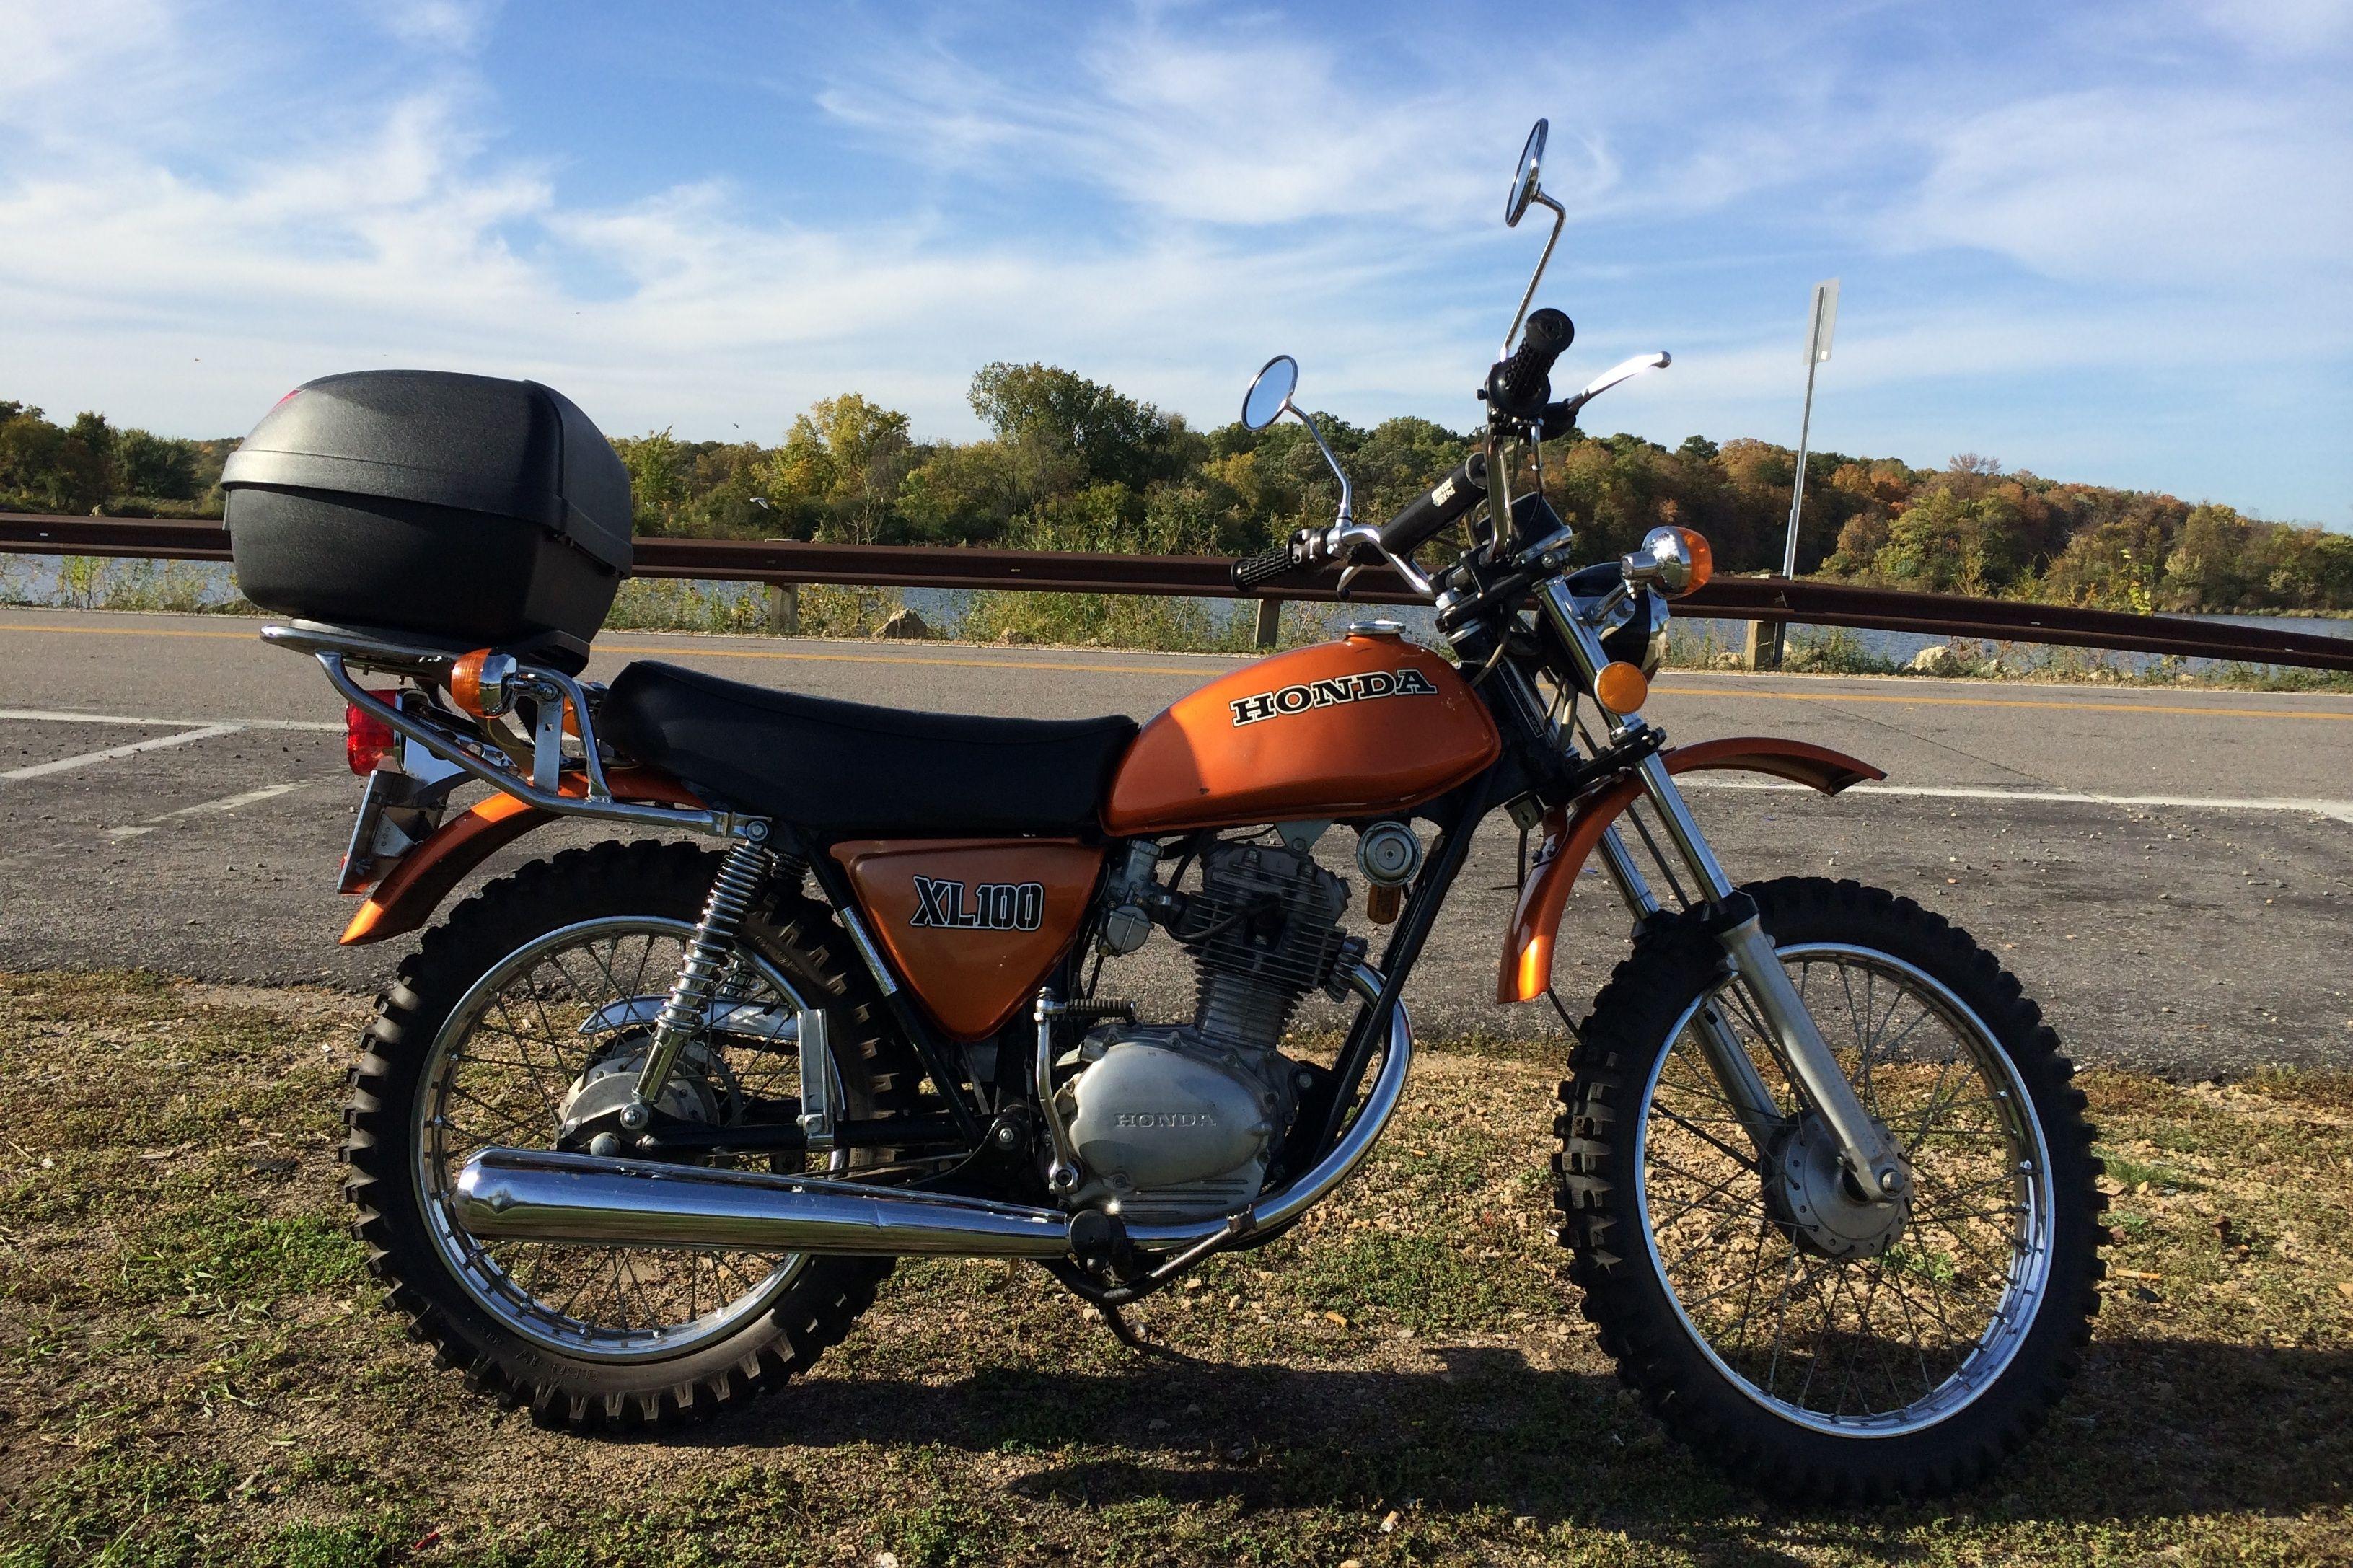 1974 Honda XL100 with NOS Honda CB125 Exhaust System ...